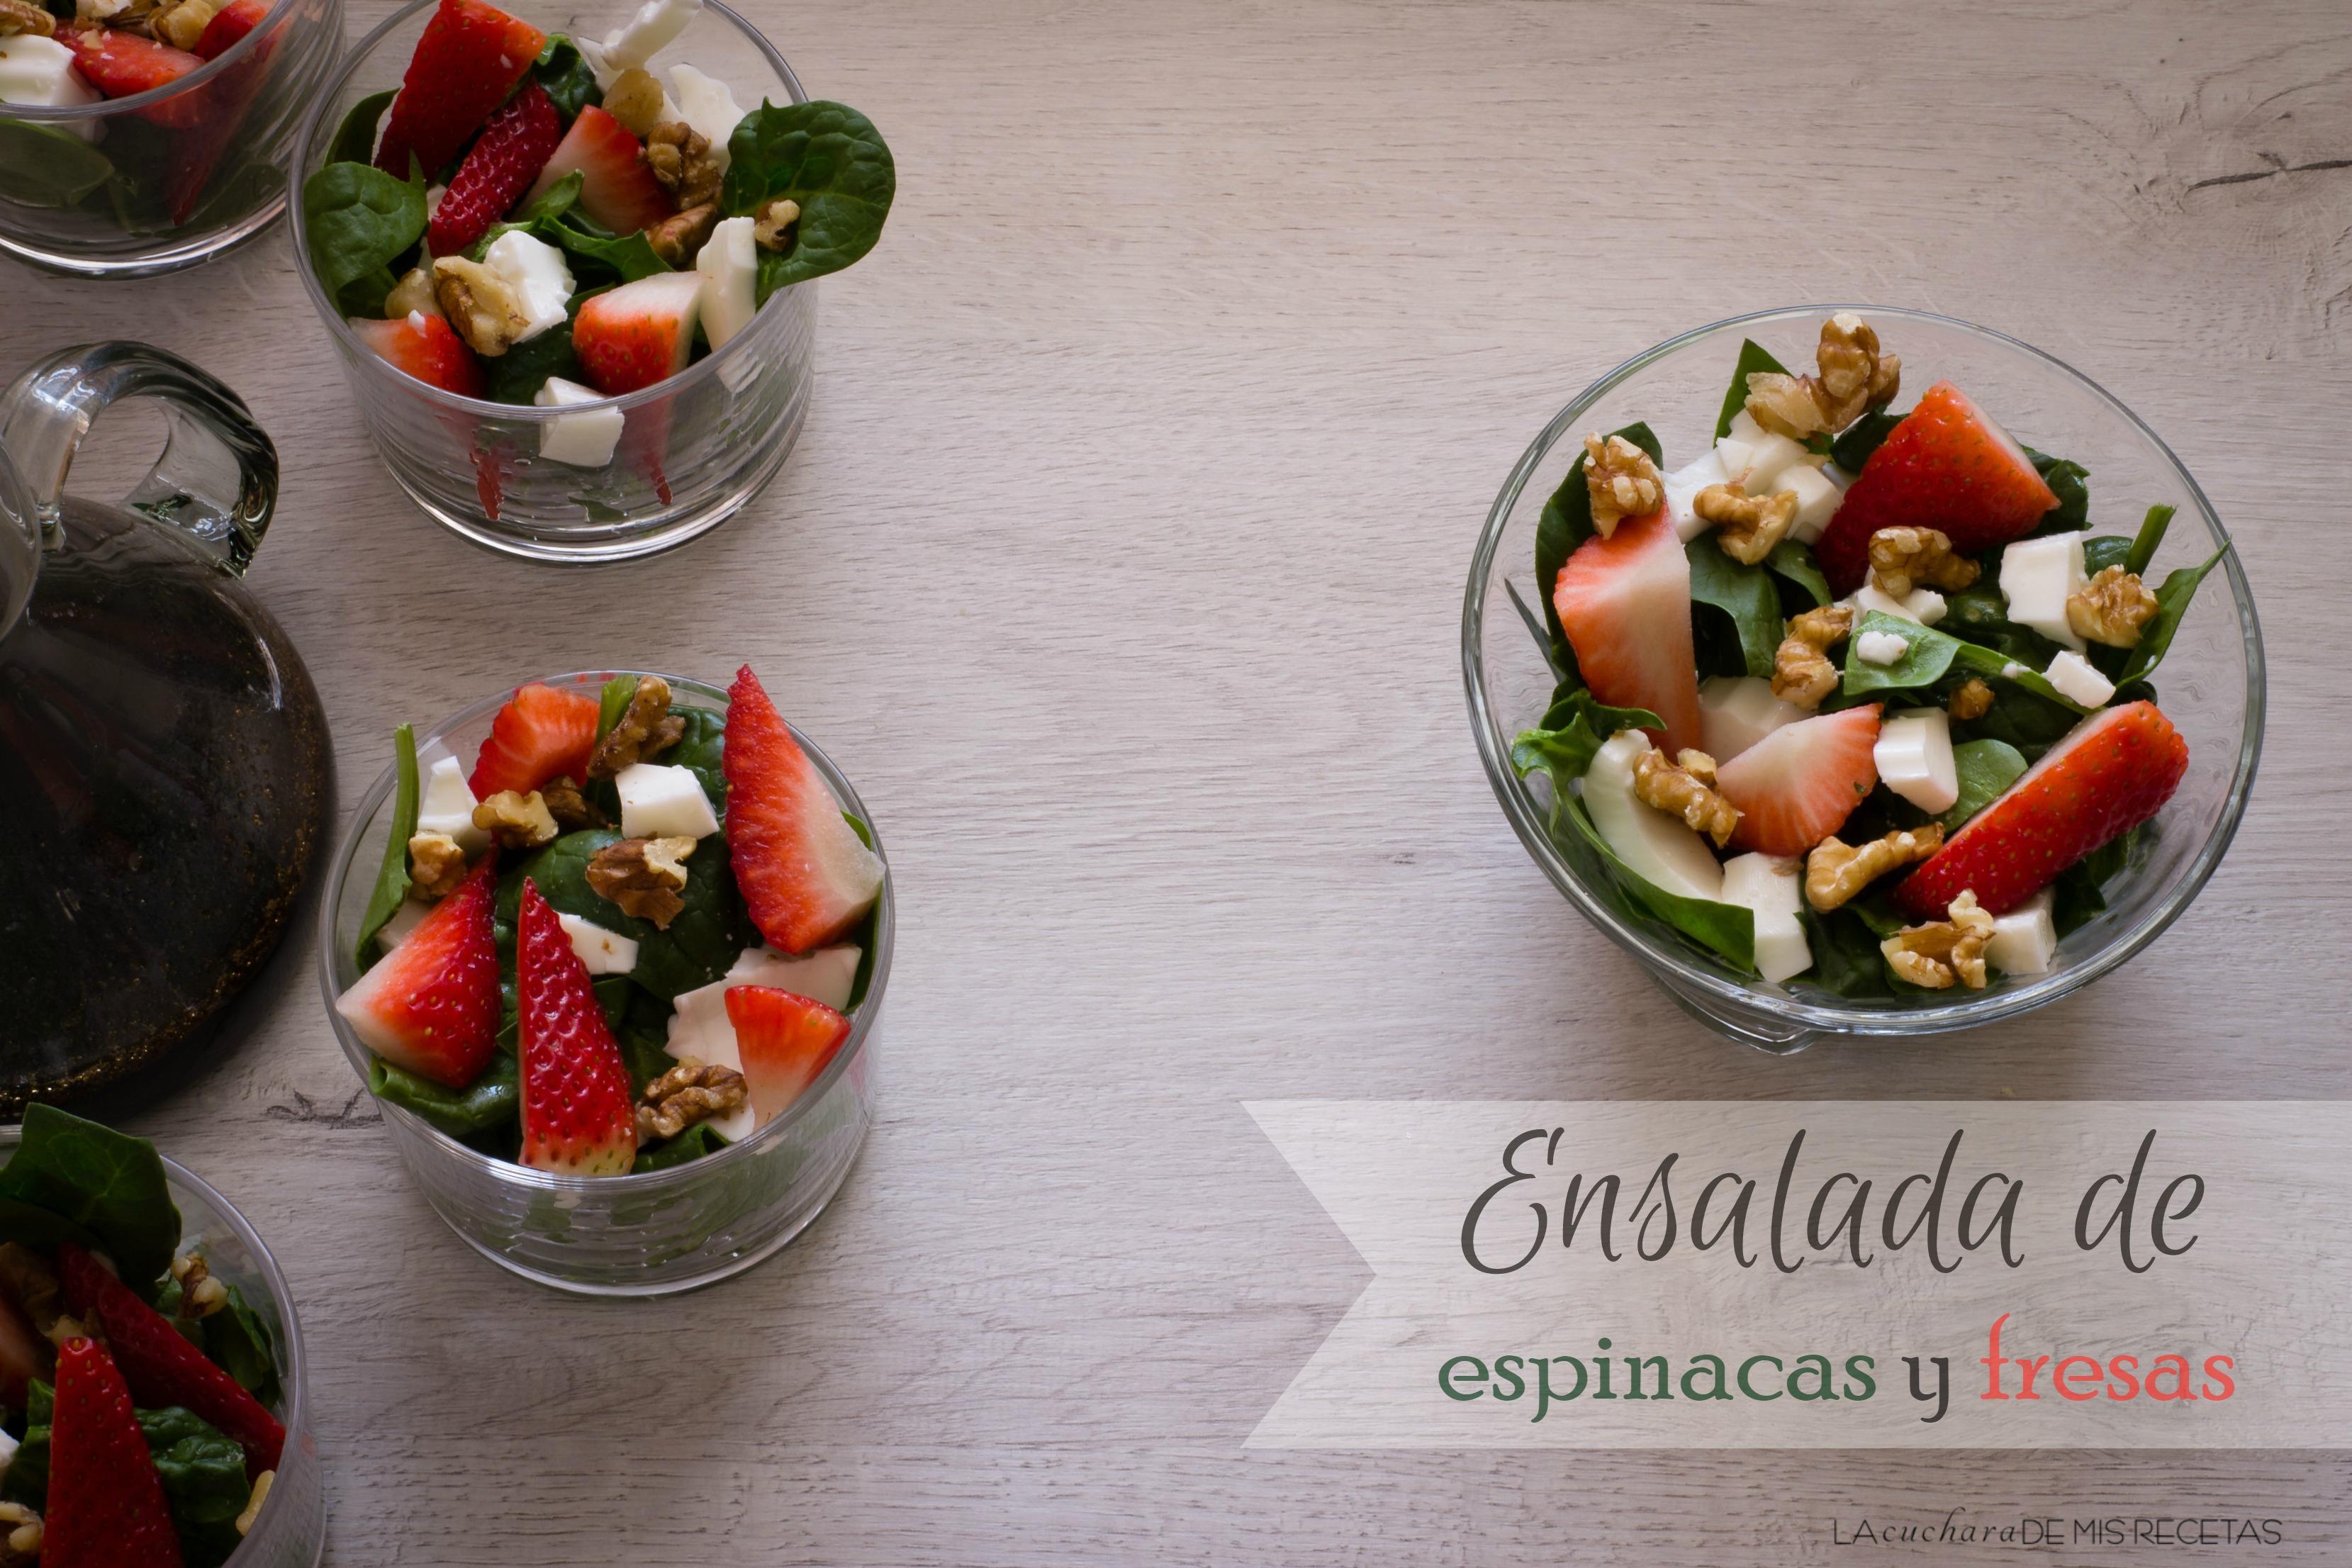 ensaladafresca